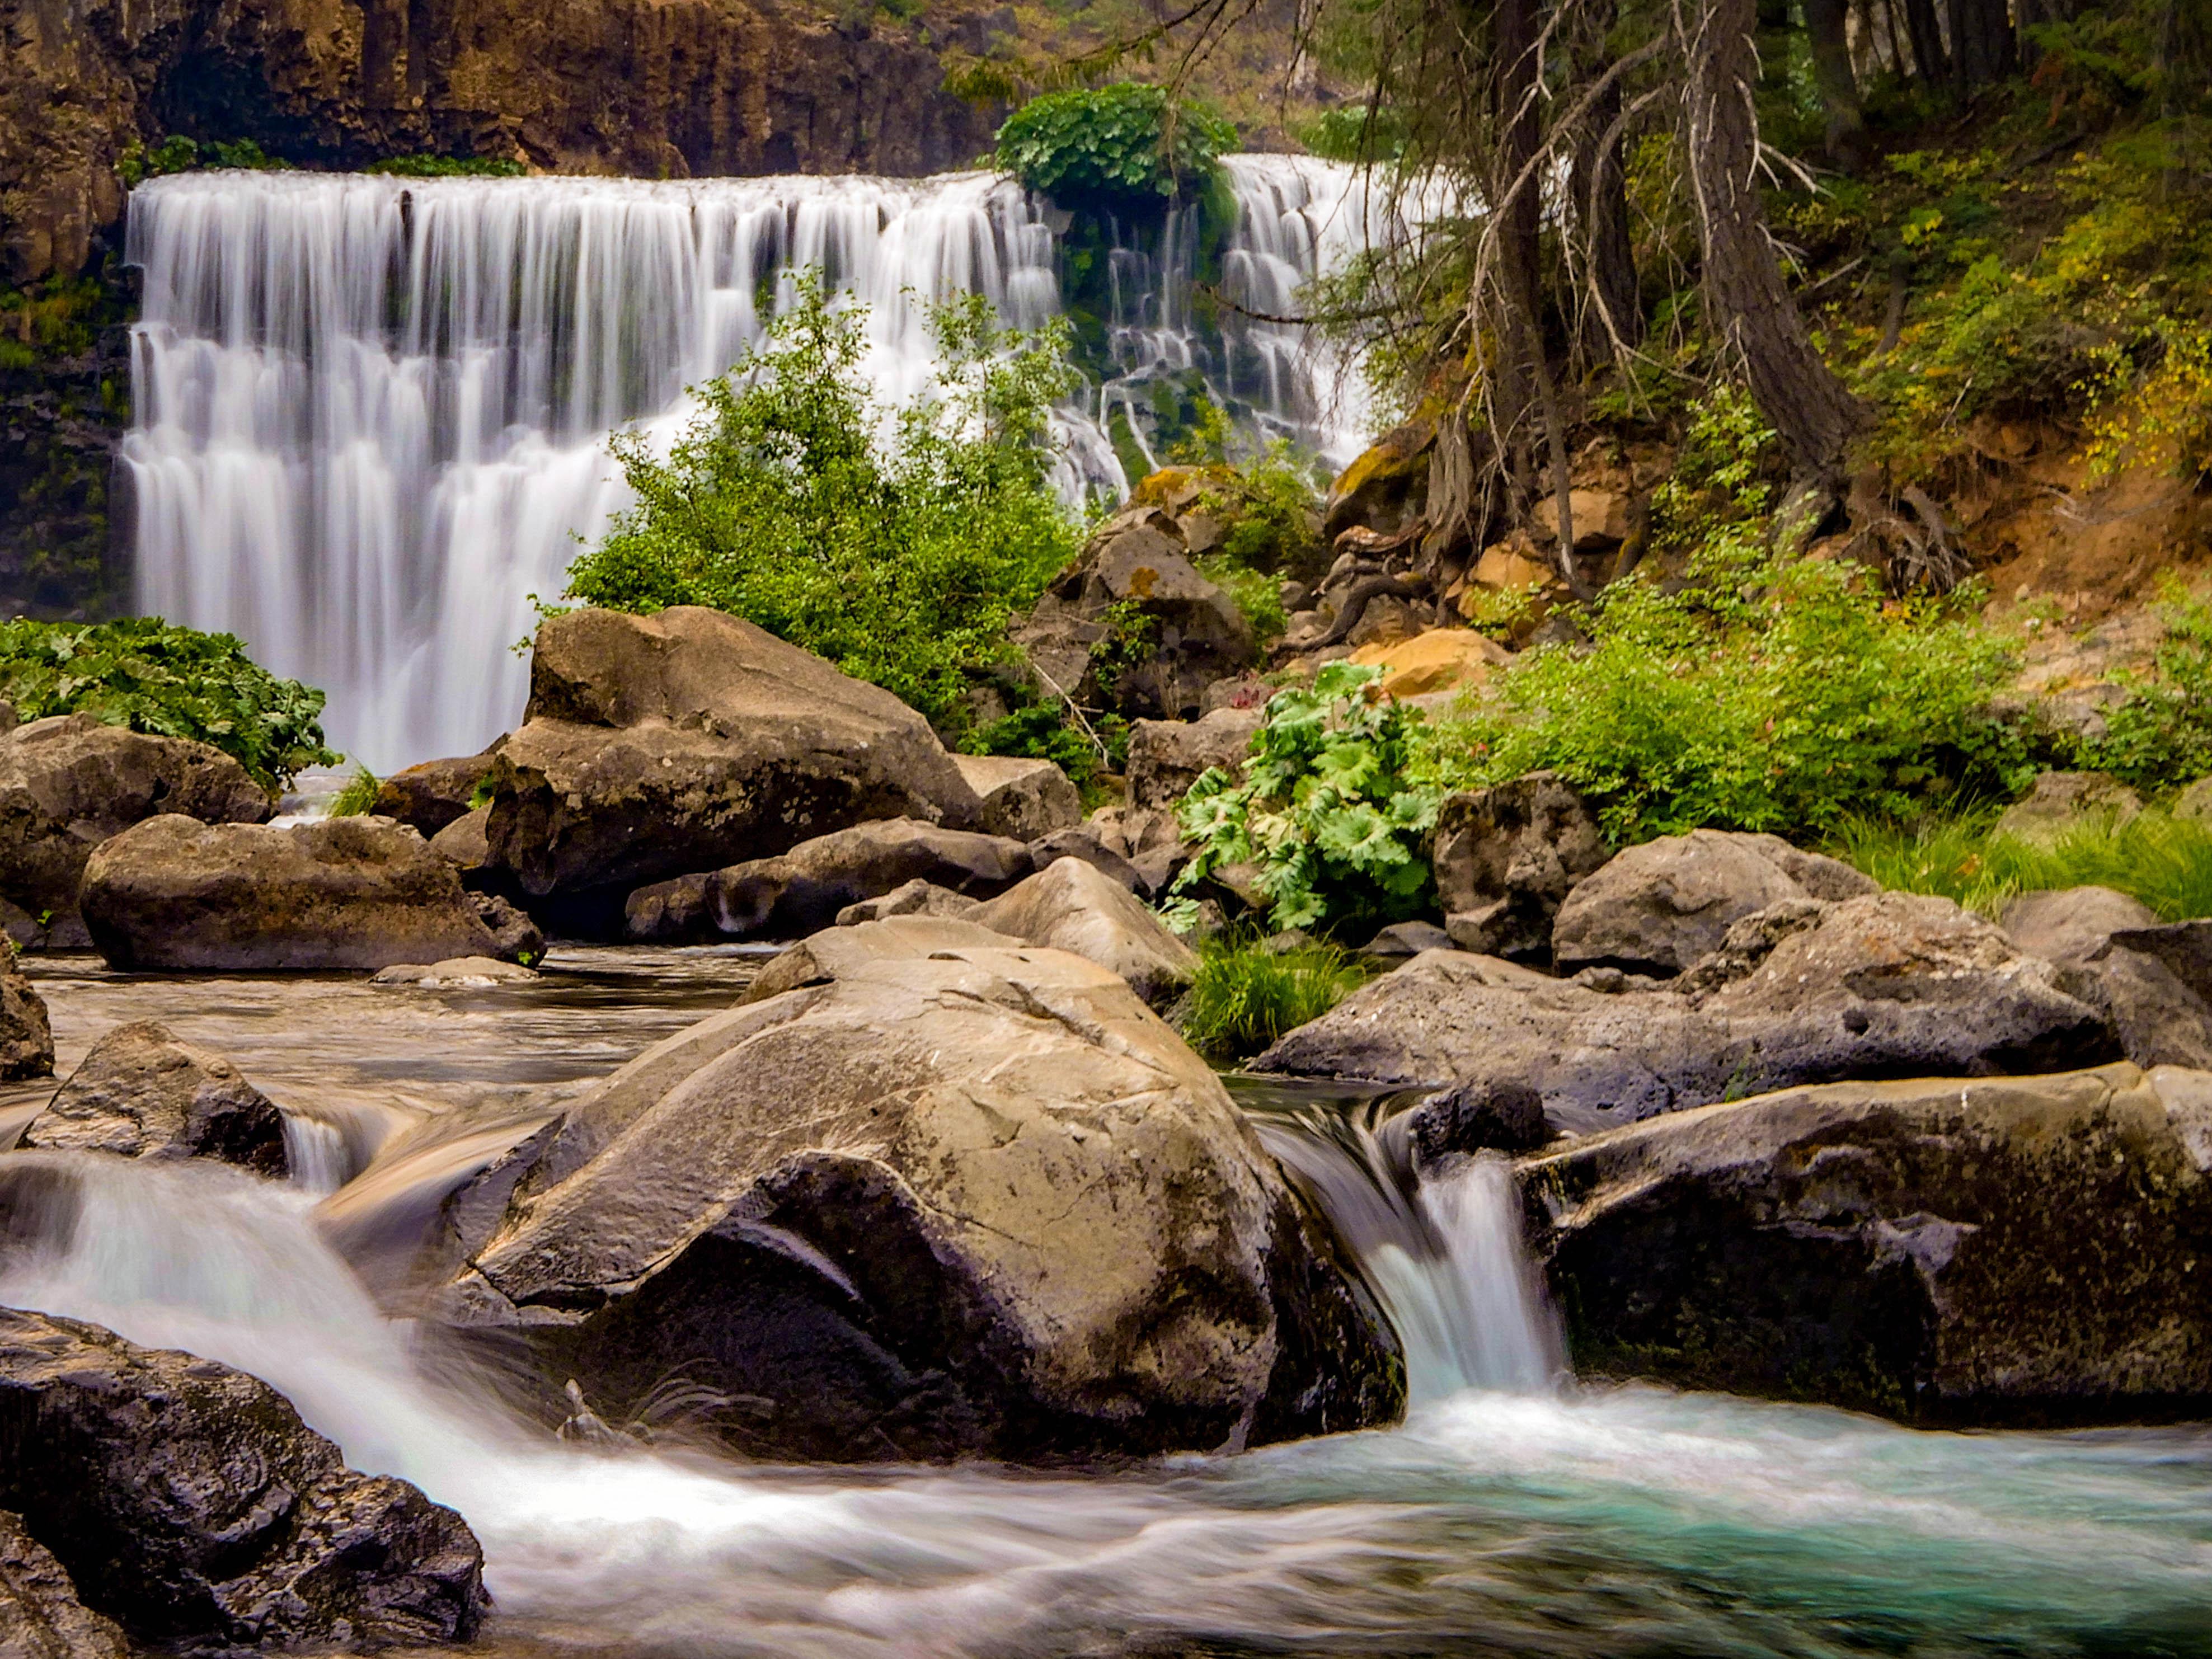 McCloud Falls in California